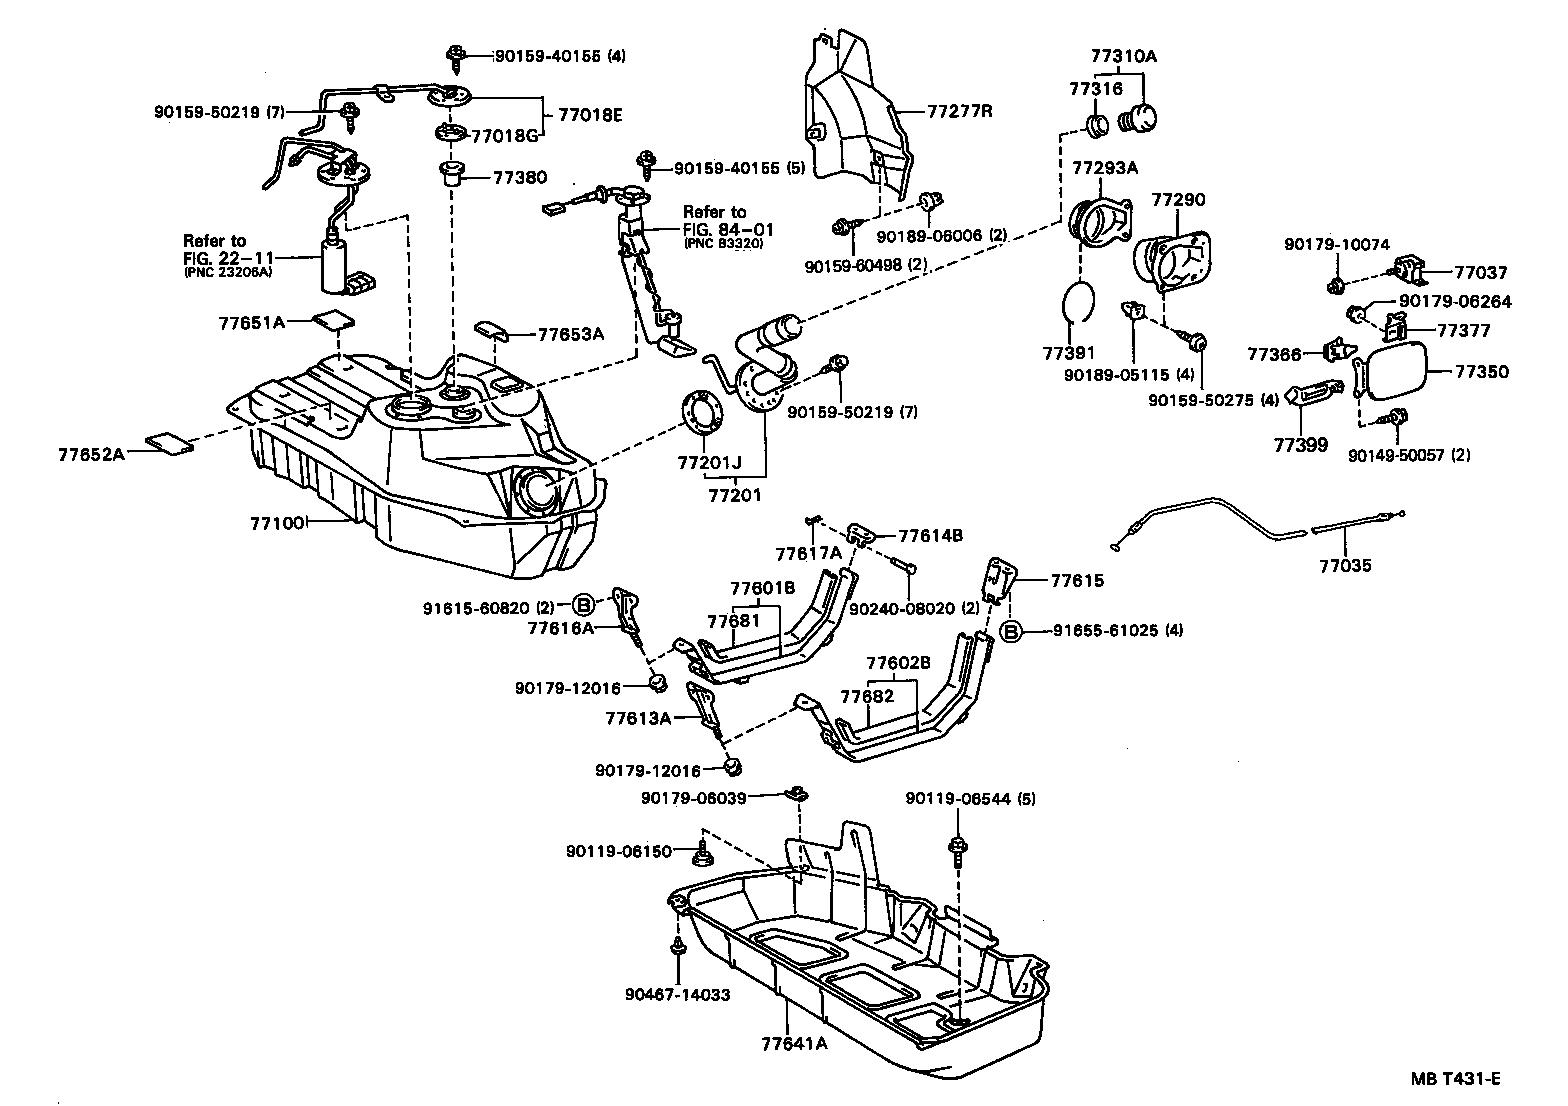 1999 mazda b4000 fuel filter location